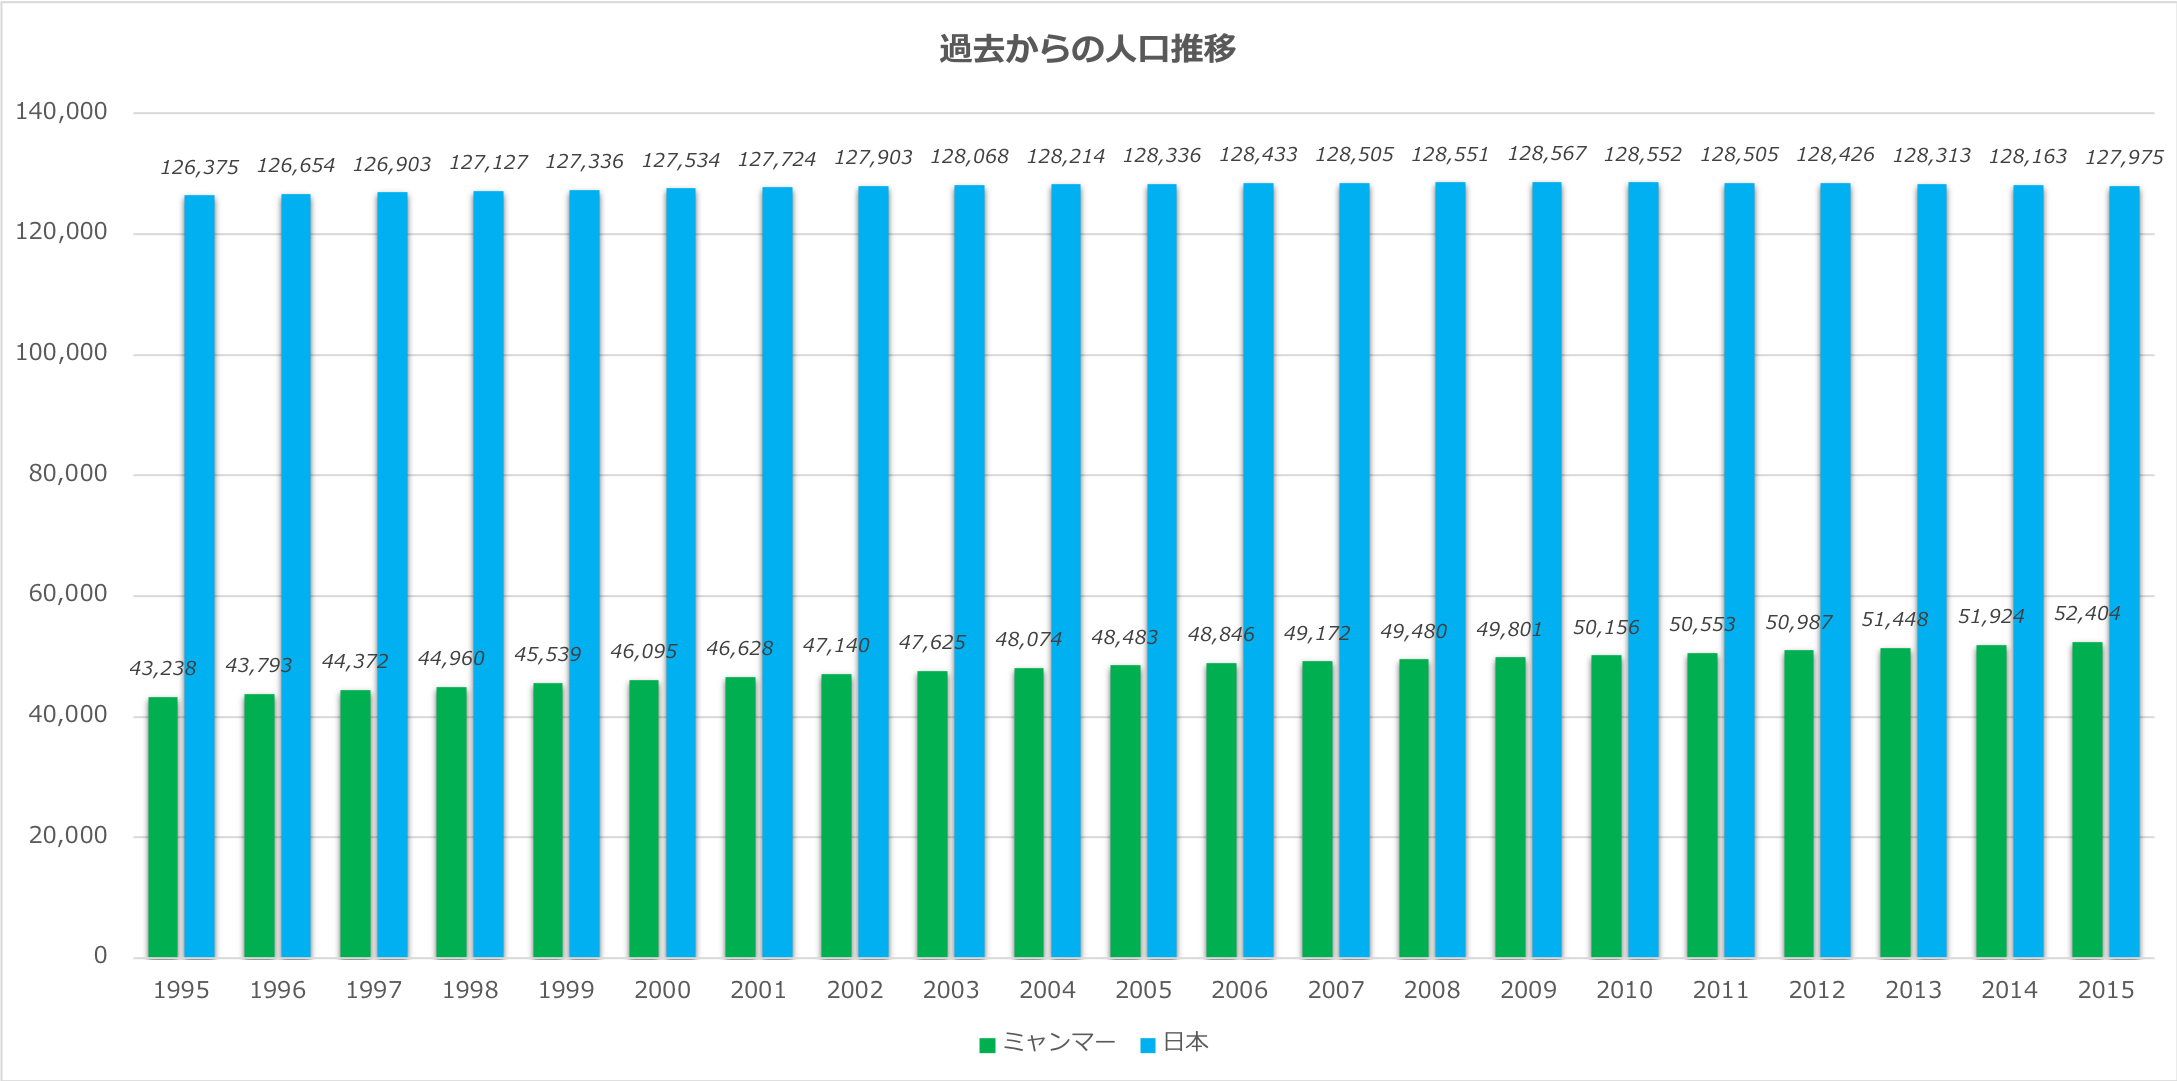 ミャンマー人口日本と対比